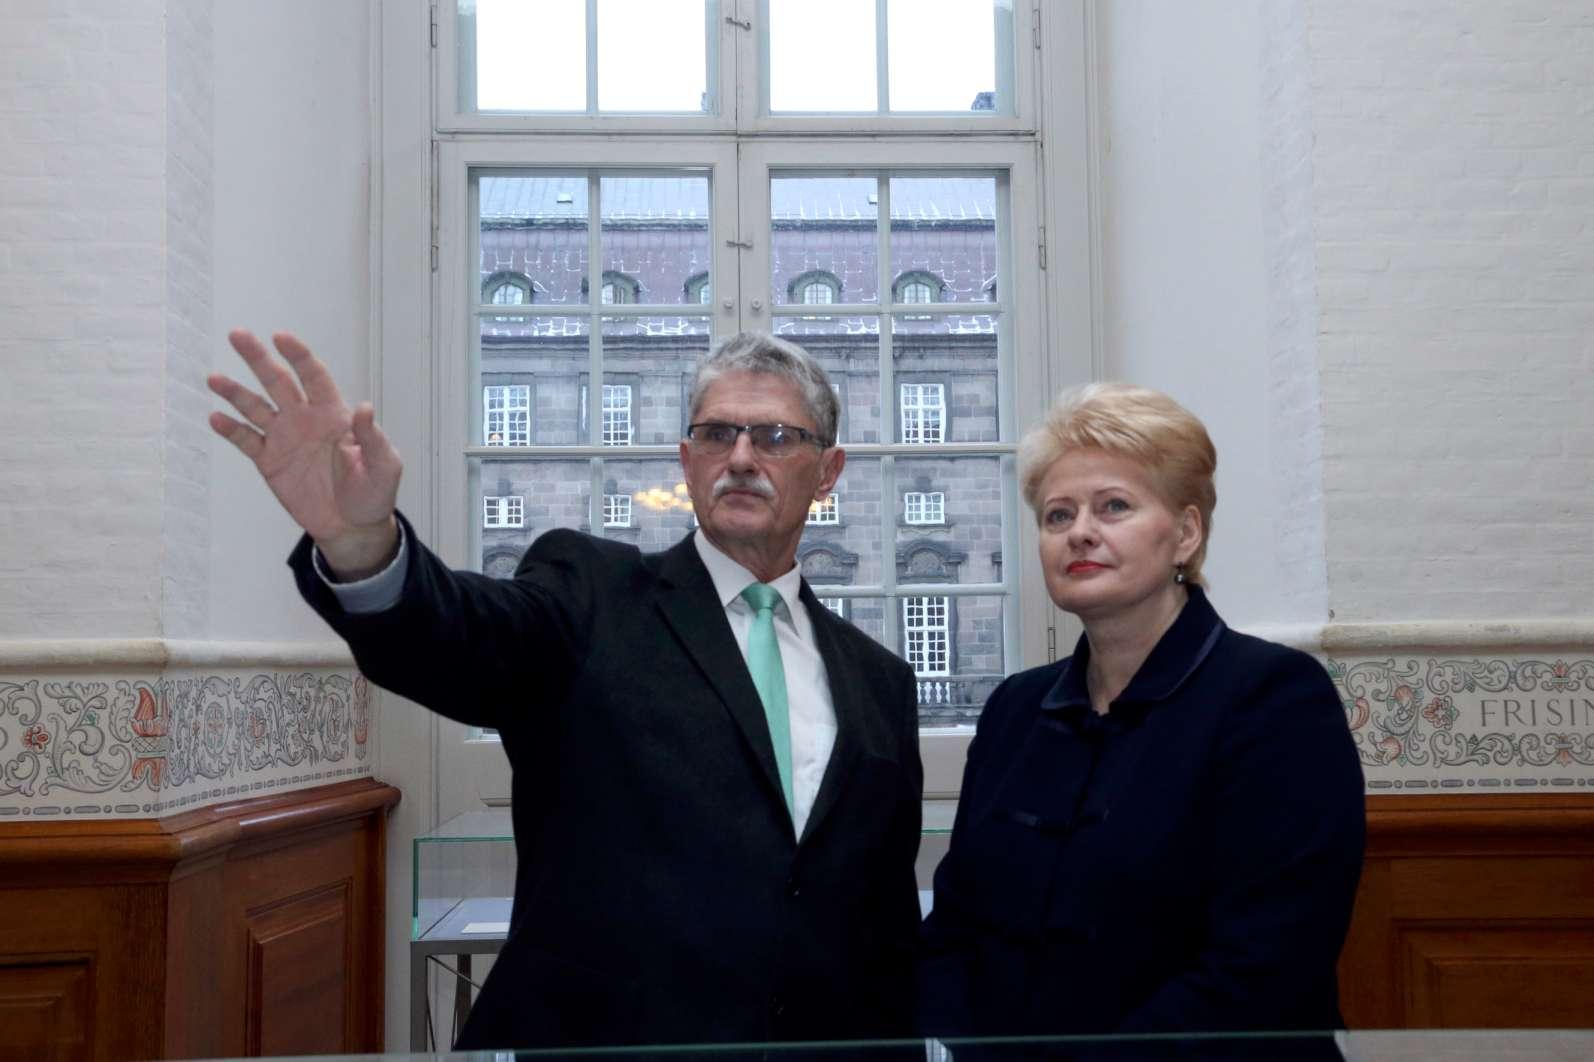 Prezidentės susitikimas su Danijos Parlamento pirmininku Mogensu Liuketoftu | lrp.lt, Dž.G.Barysaitės nuotr.